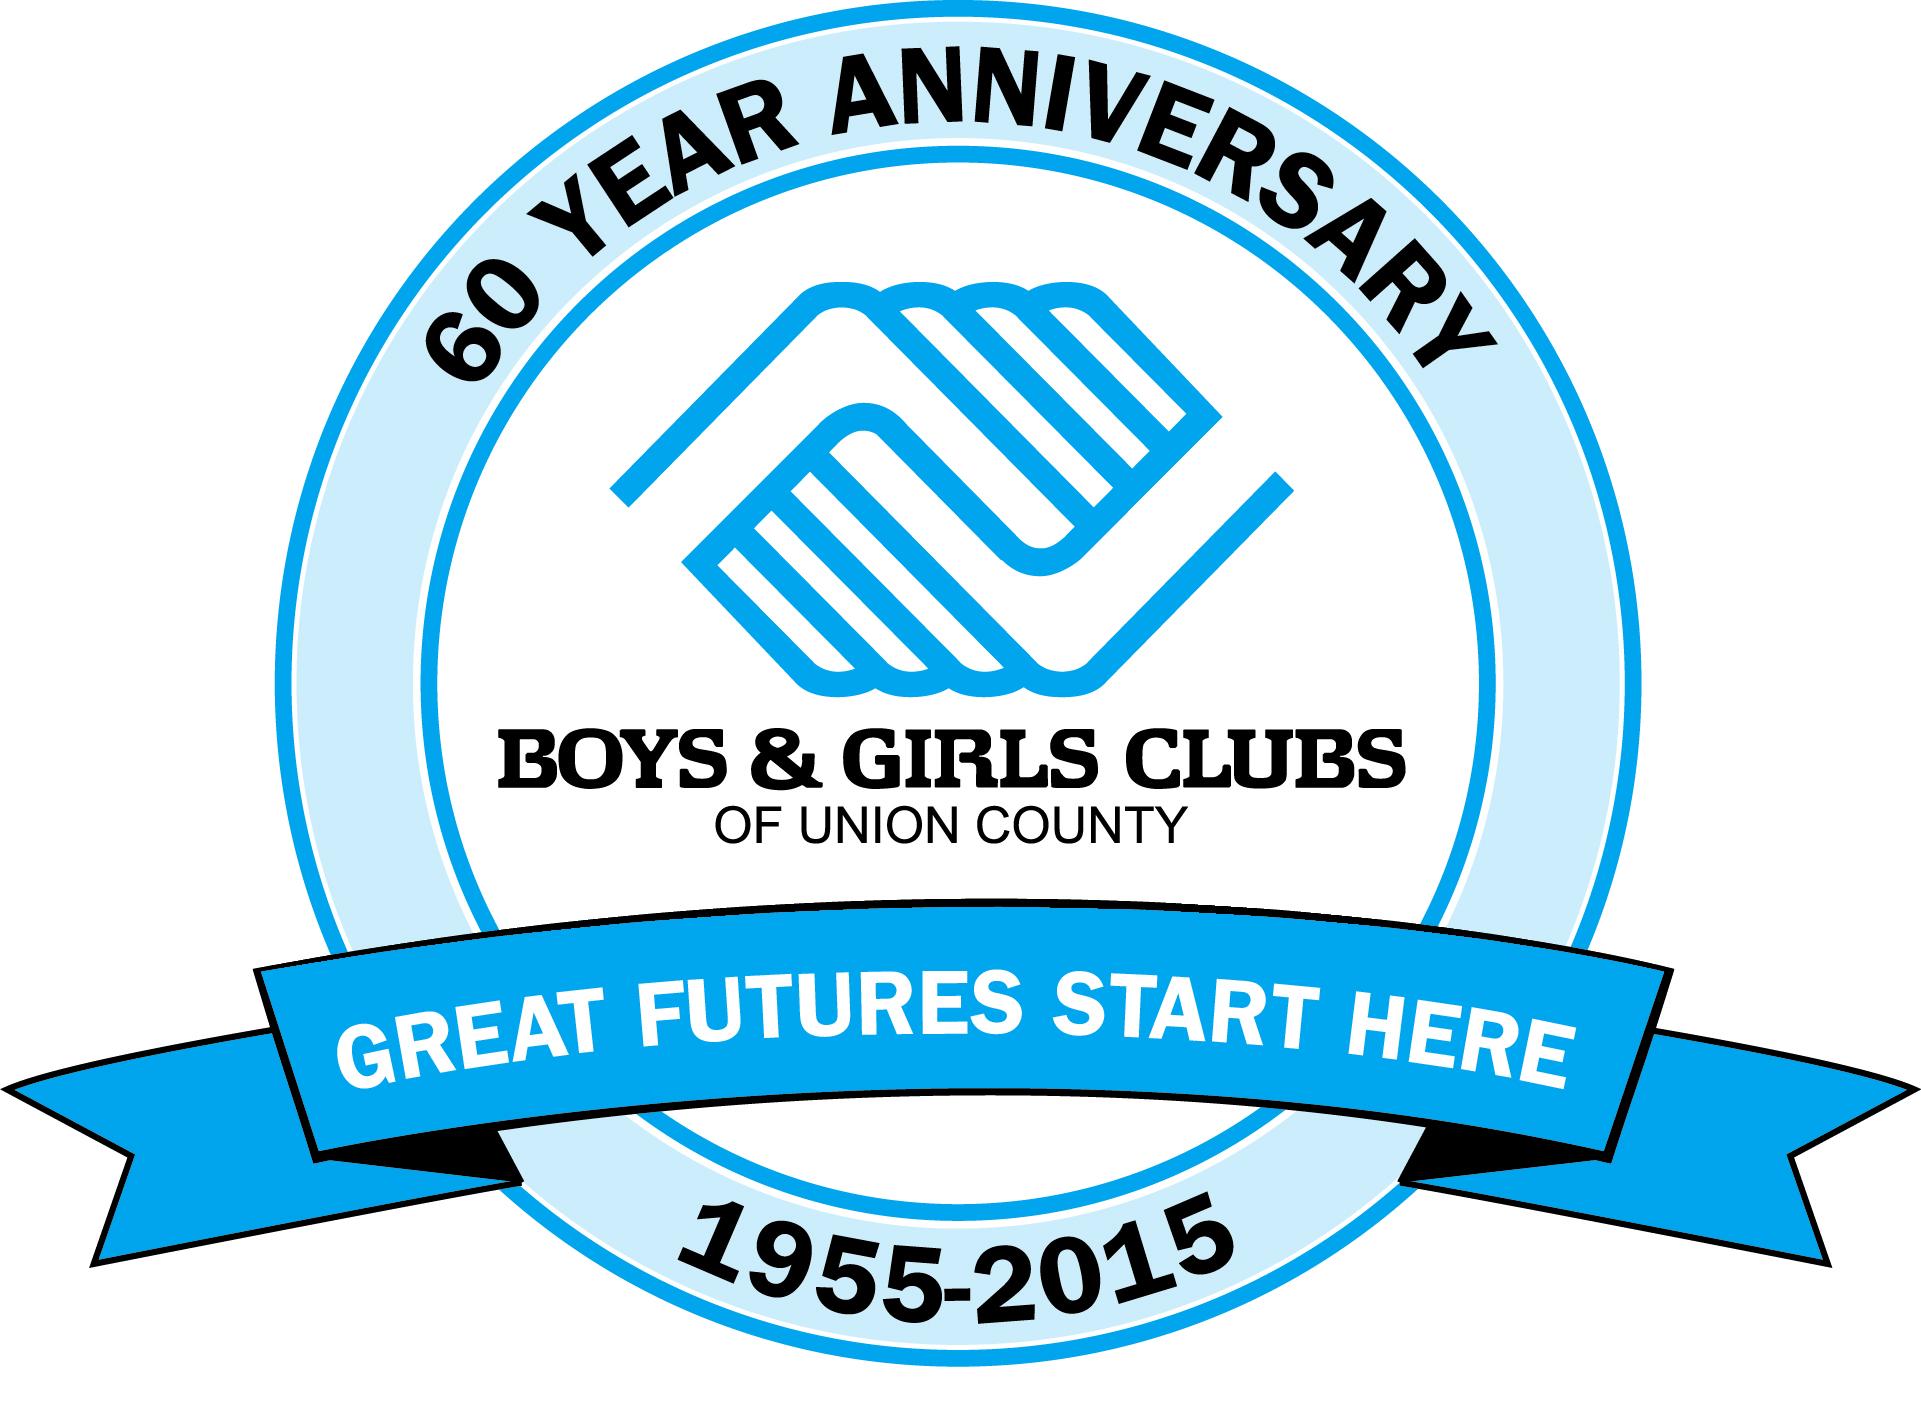 90fbb21dcb90822d6186_Boys__Girls_Club_60th_Anniversary_logo.jpg